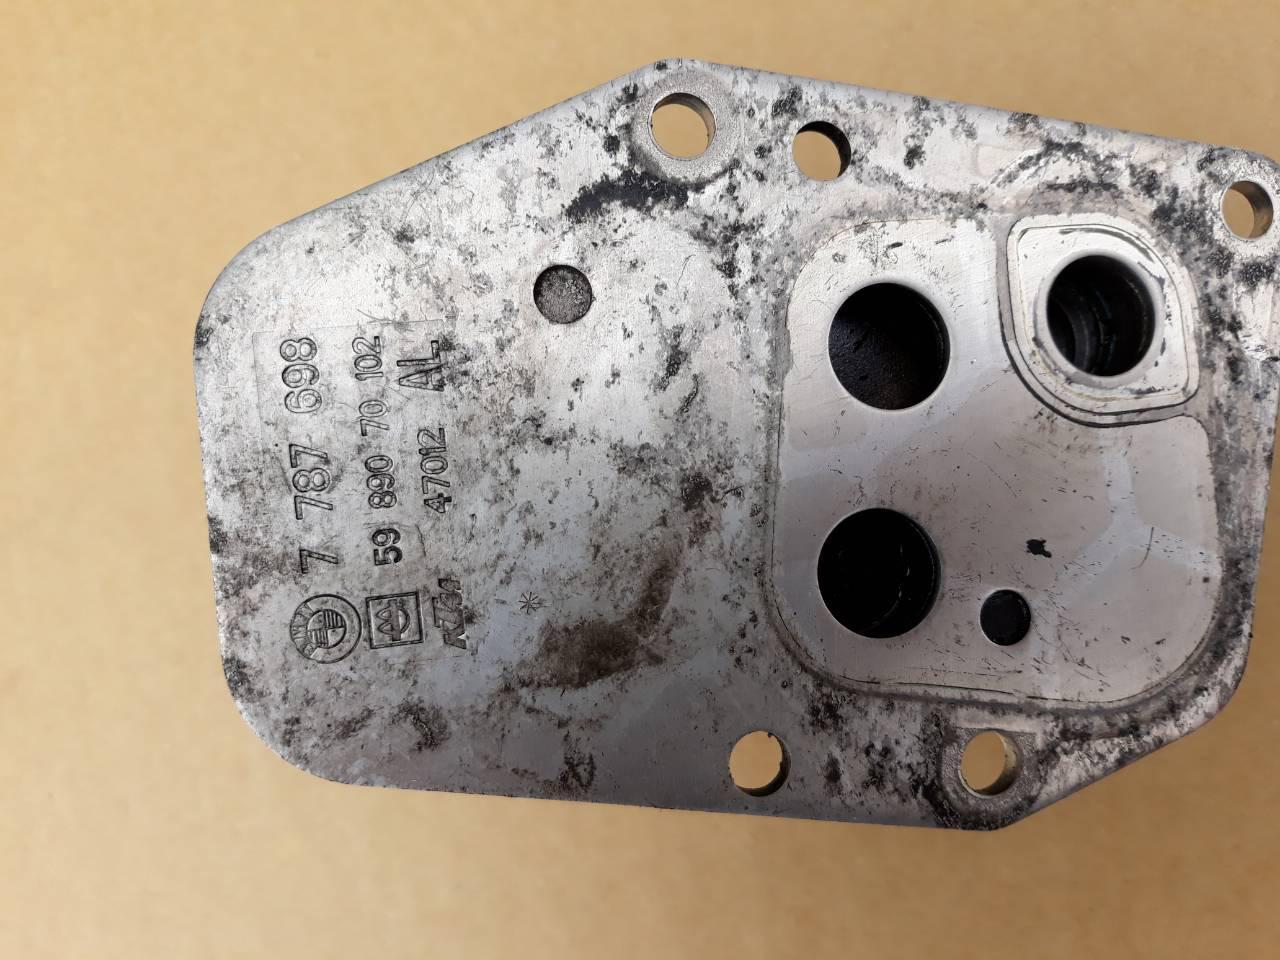 Теплообменник bmw 5 e60 Пластины теплообменника Теплохит ТИ 026 Улан-Удэ